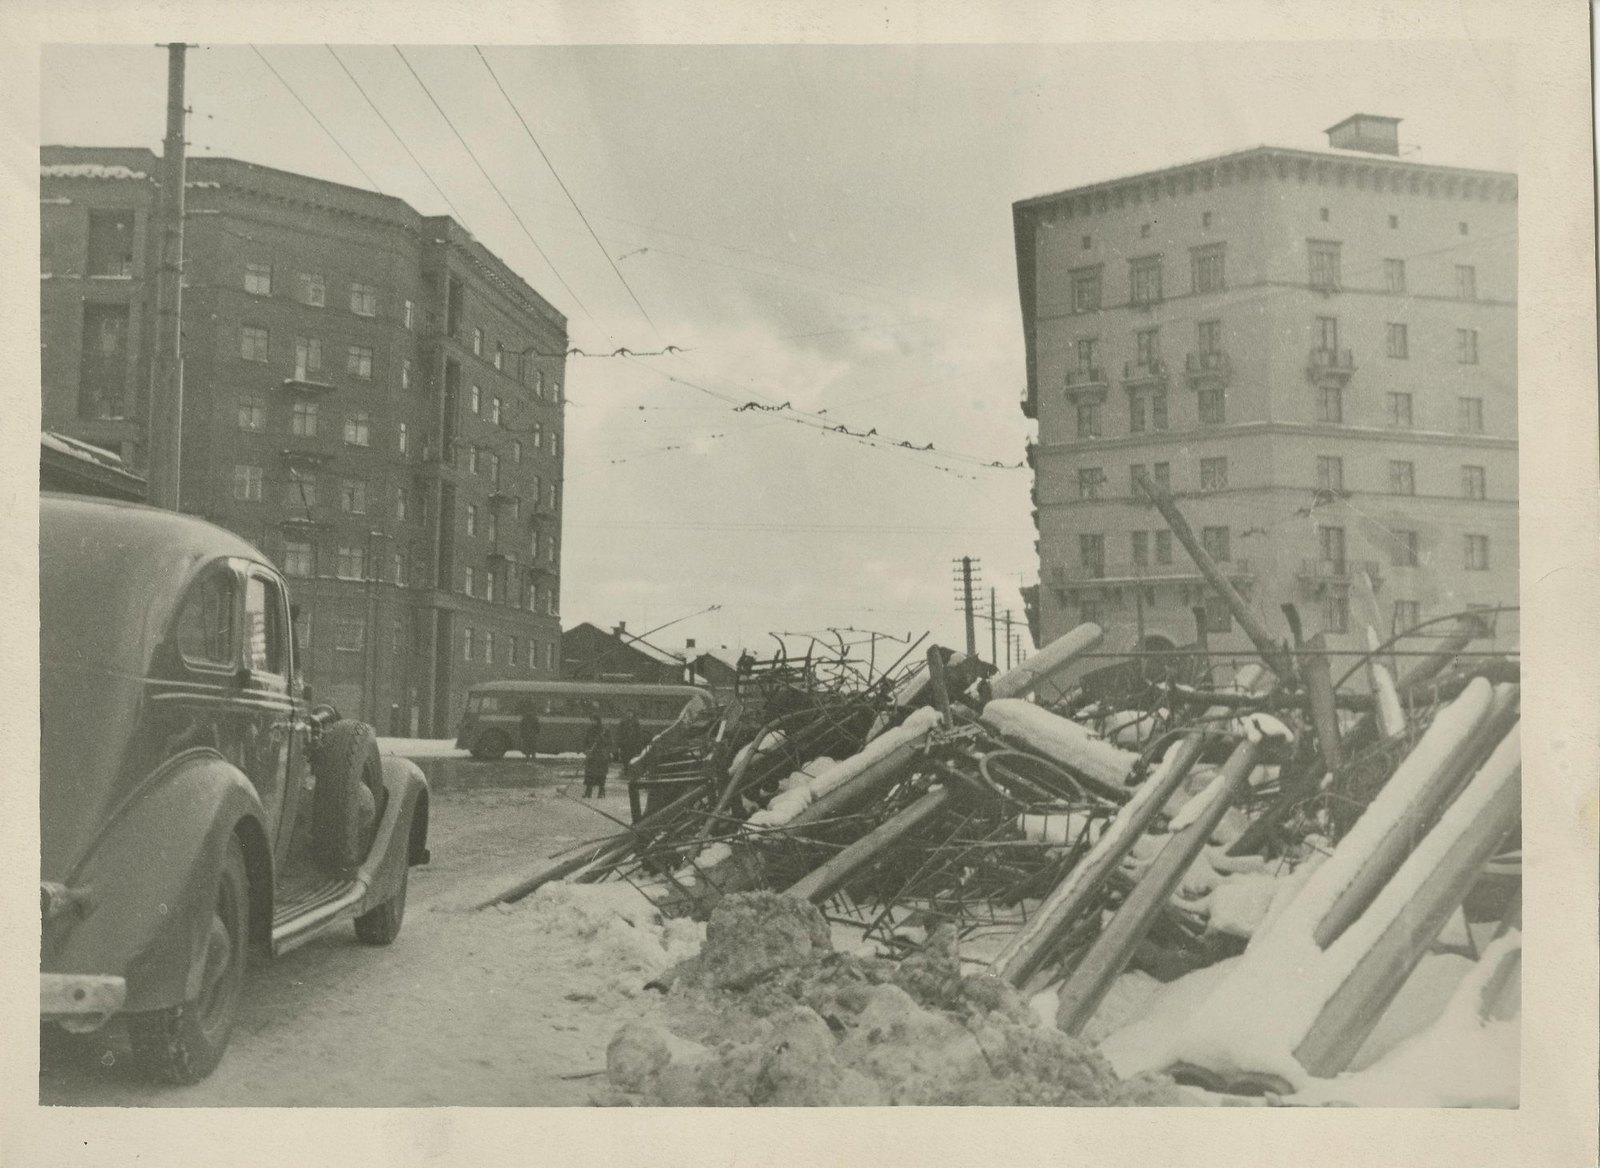 1941. У Дорогомиловской заставы